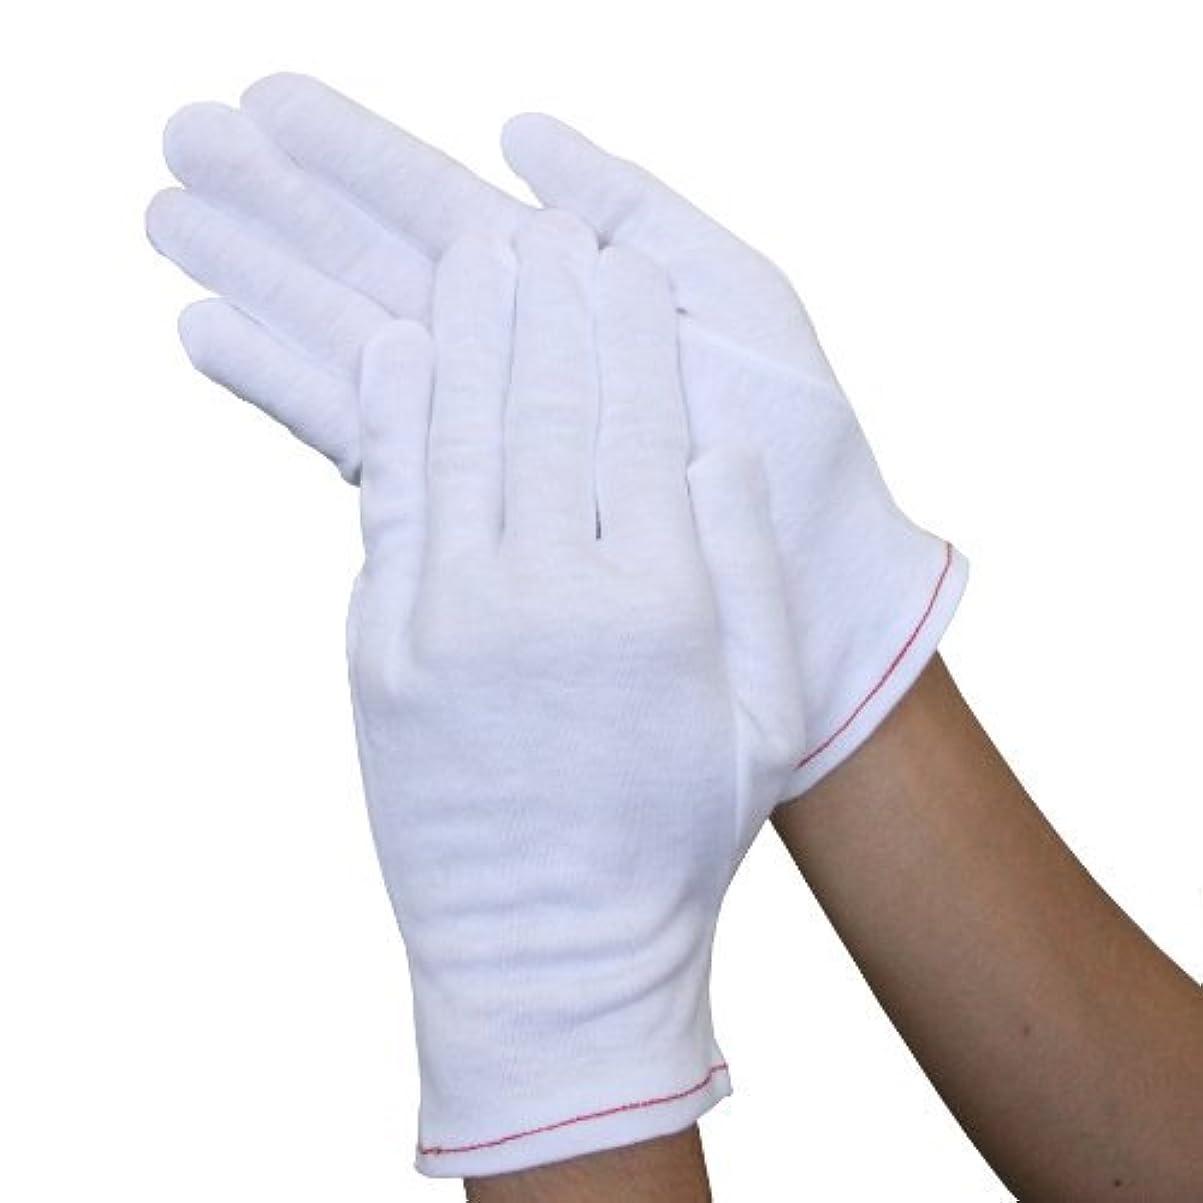 上にきつくバーターウインセス 【心地よい肌触り/おやすみ手袋】 綿100%手袋 (1双) (M)